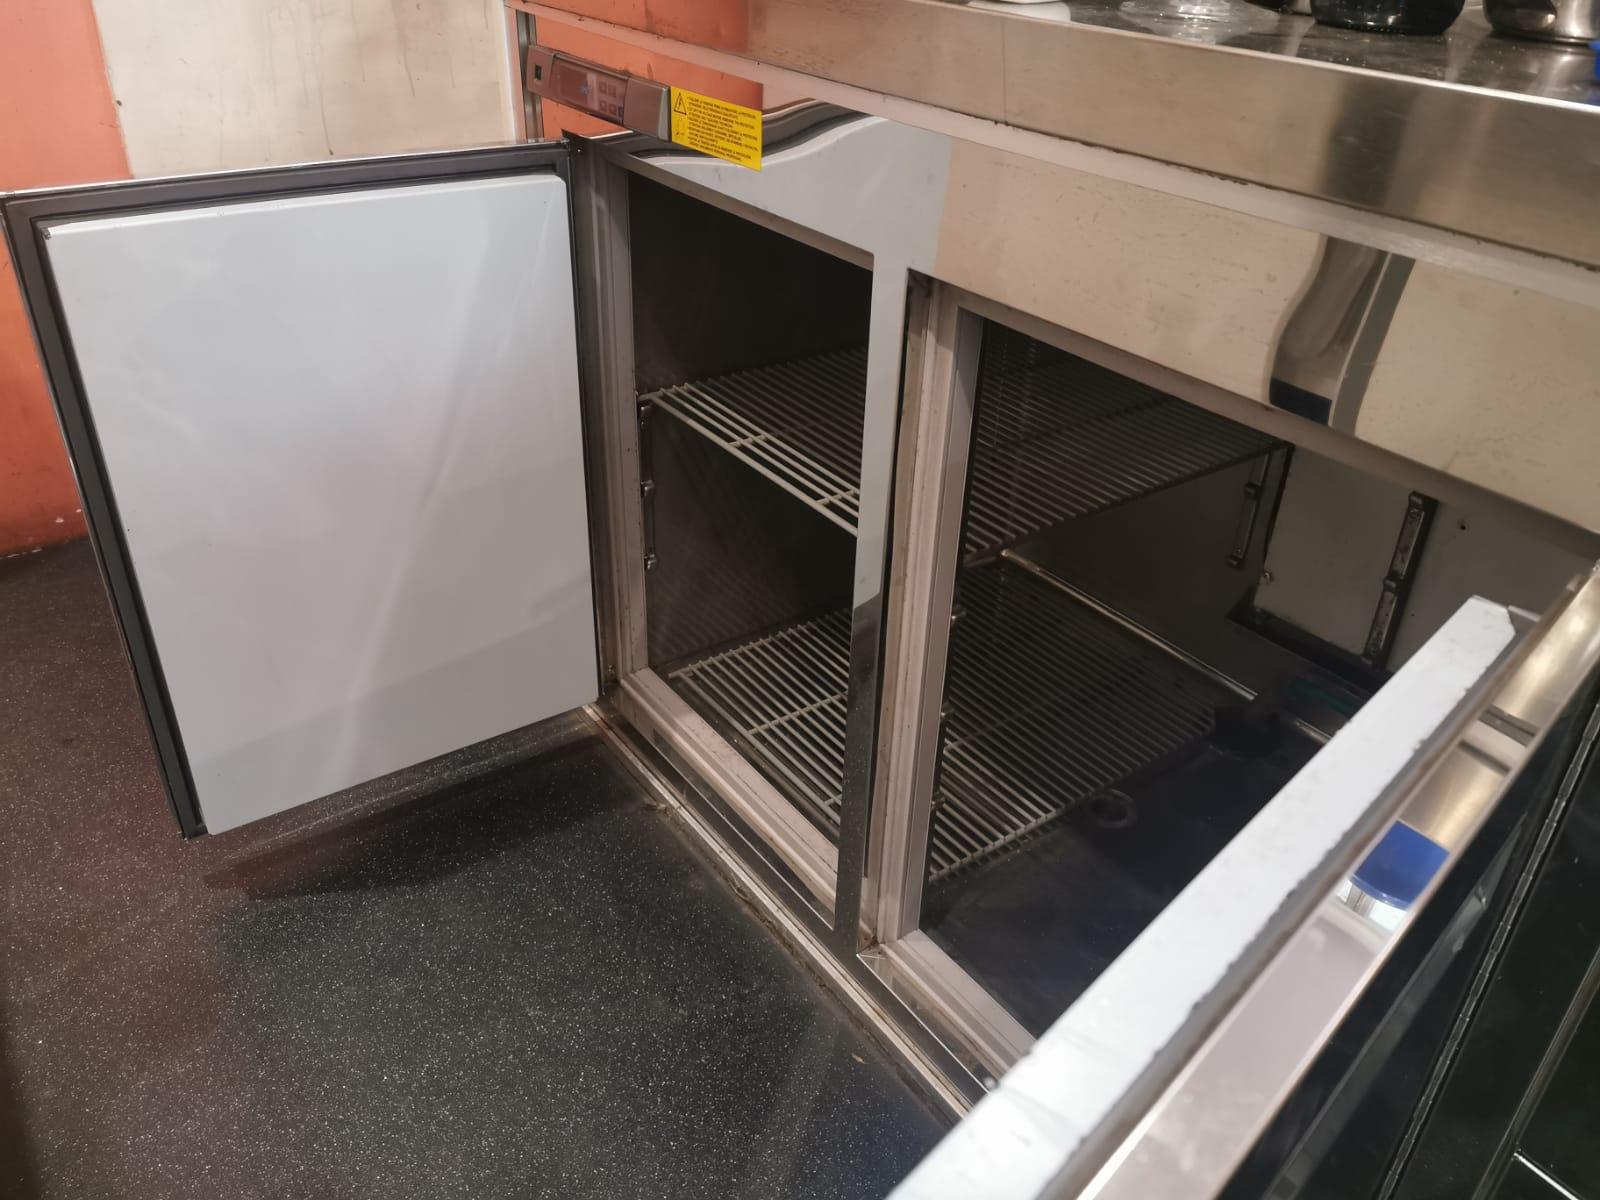 banco frigo 4 scomparti in vendita - foto 3